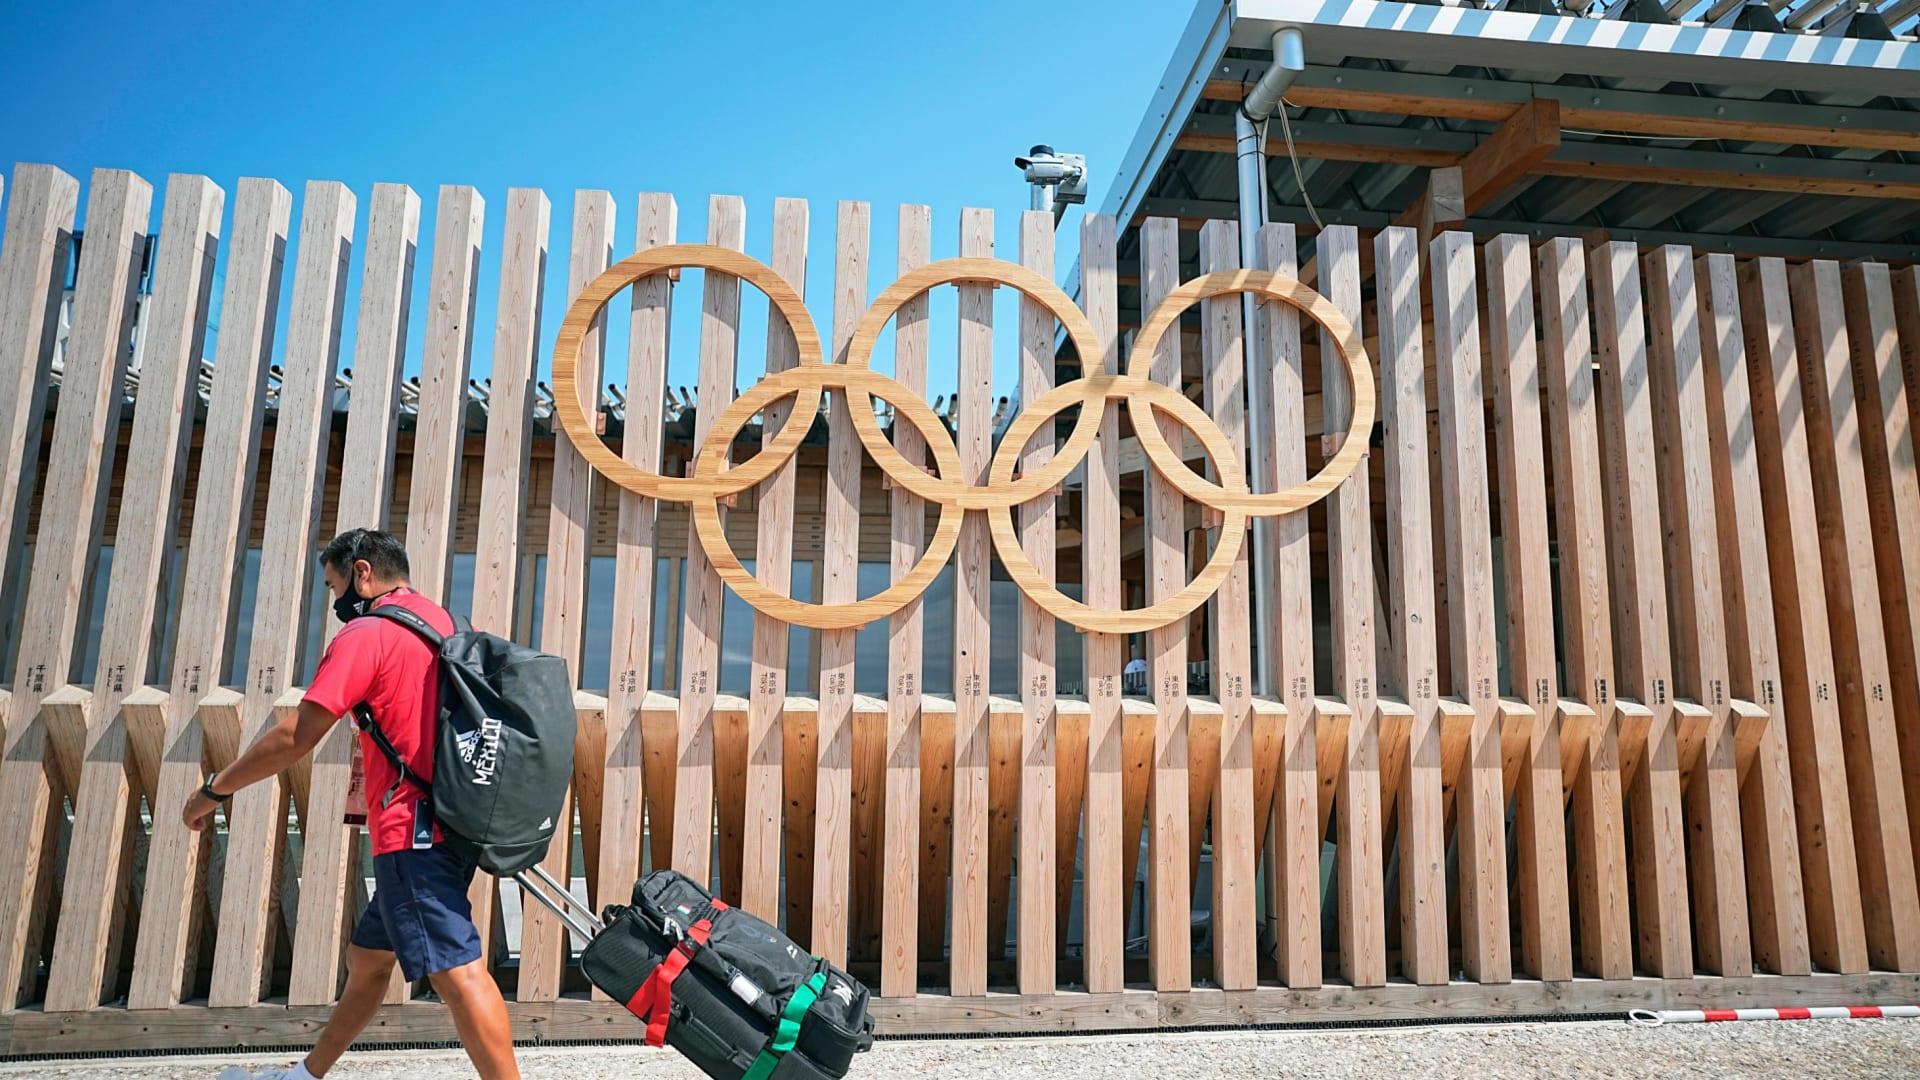 قبل أيام من بدء أولمبياد طوكيو 2020.. عدد حالات الإصابة بكورونا بين الرياضيين في القرية الأولمبية في تزايد مستمر